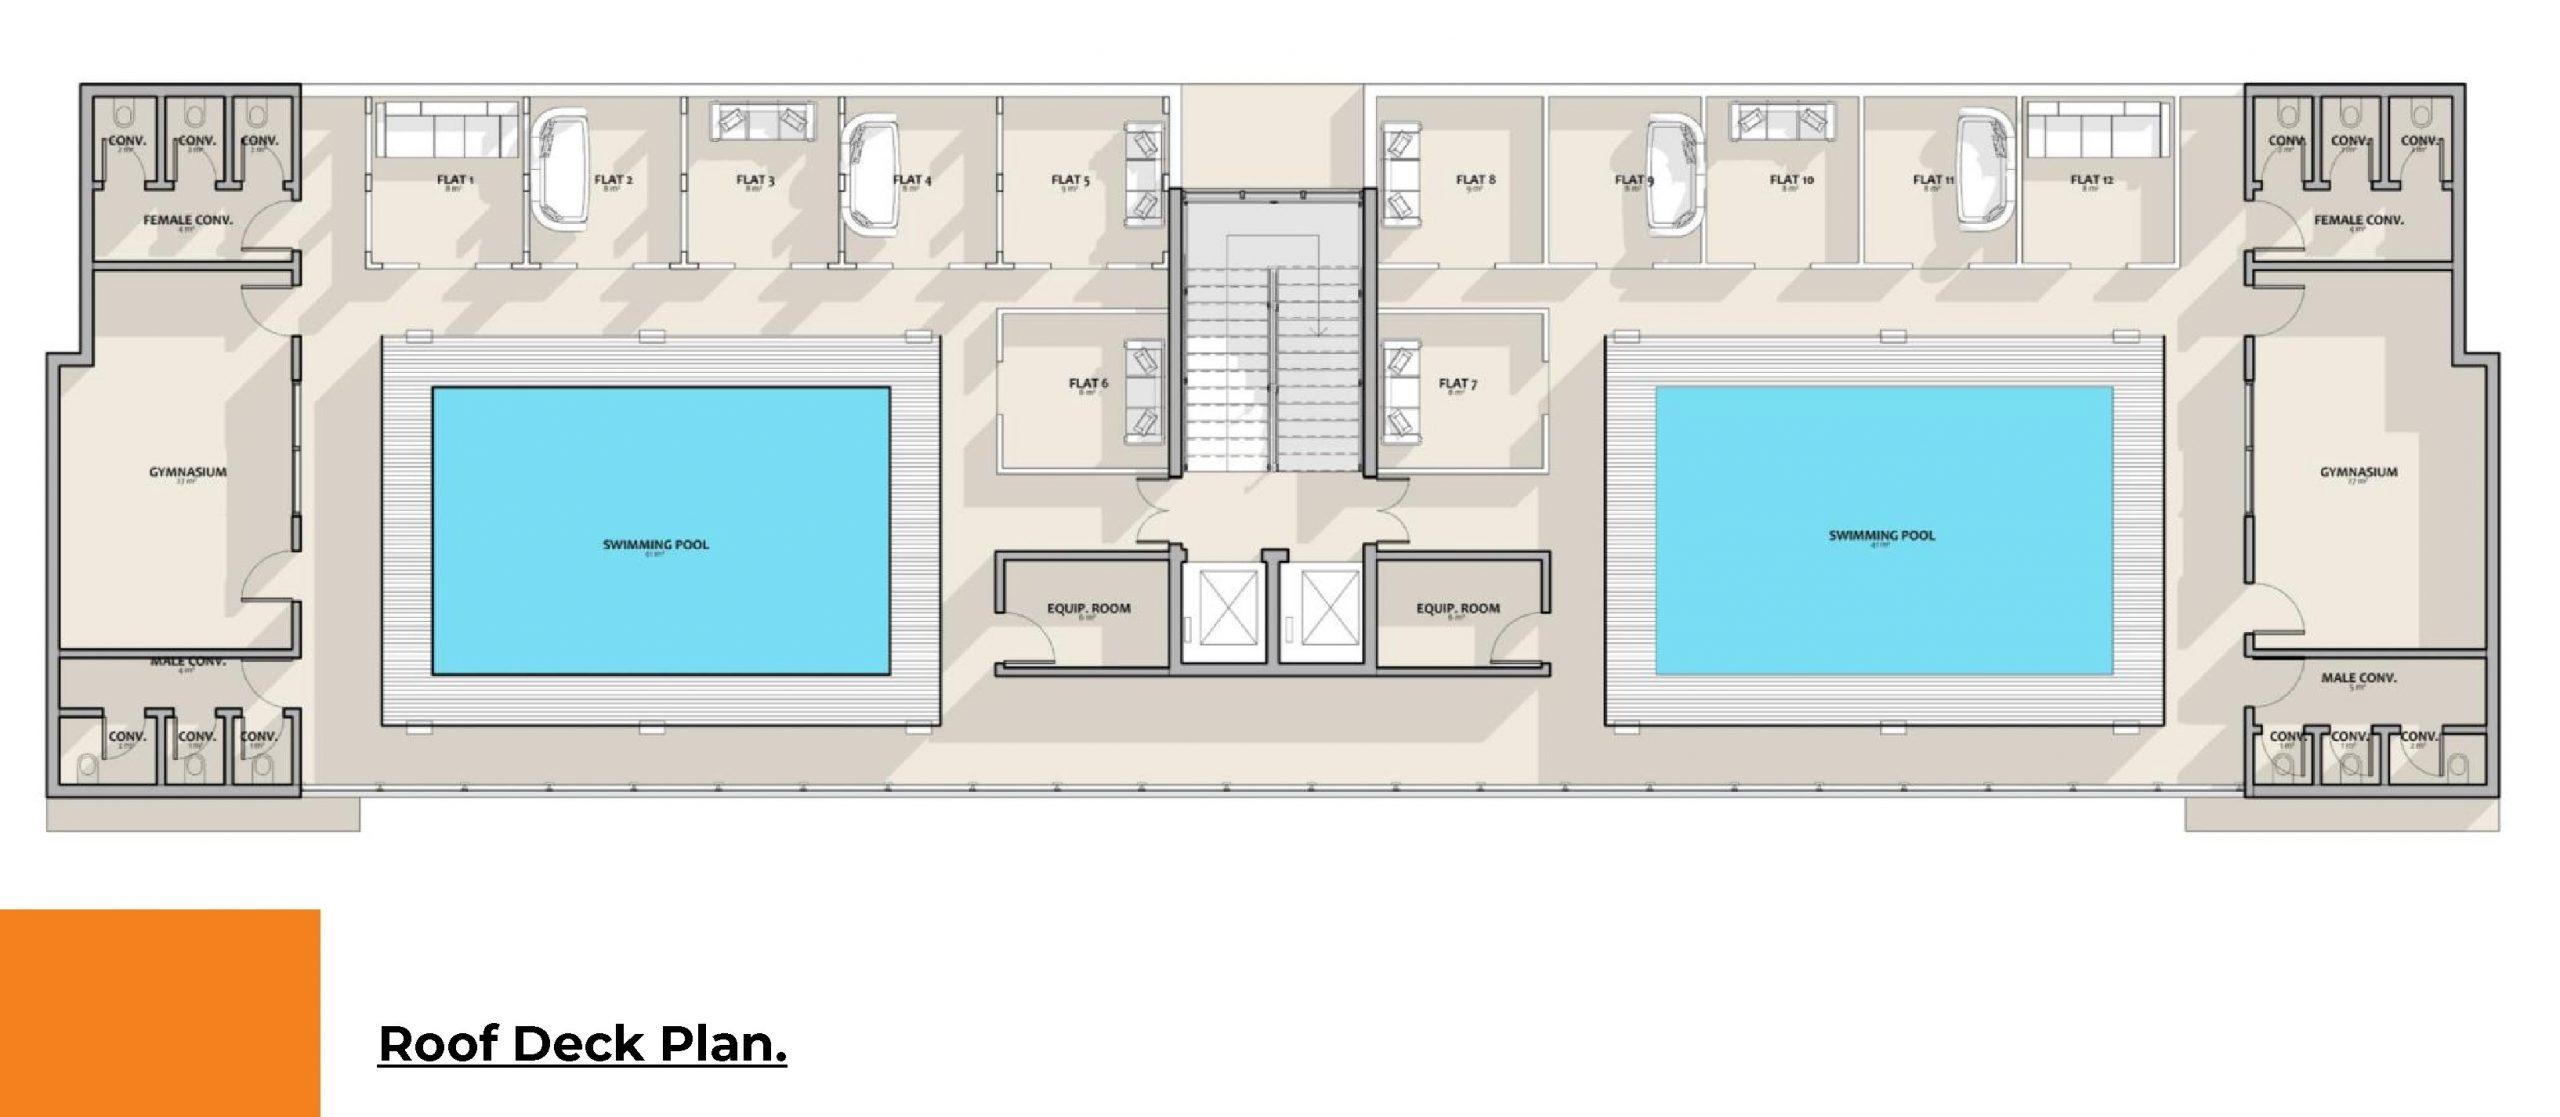 Solid Refuge - Roof Deck Plan